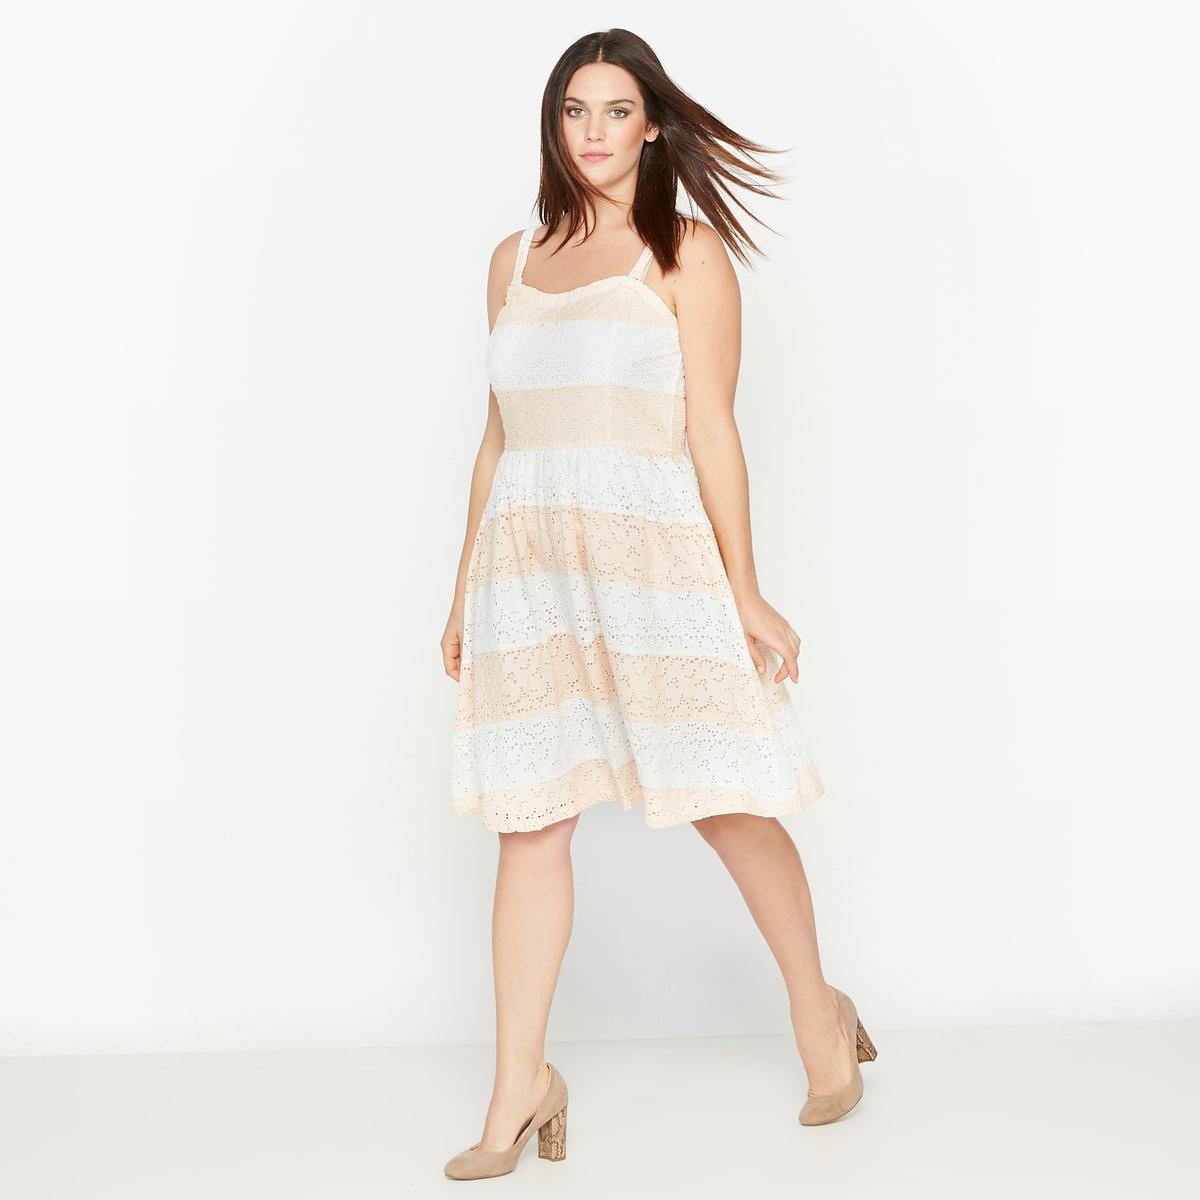 Платье-бюстье расклешенноеРасклешенное платье-бюстье.Скрытая застежка на молнию сзади.Съемные бретели.Состав и описание :Материал : 100% хлопок.Длина посередине спинки 78 см, длина с бретелями 92 см, для размера 48.Марка : CASTALUNA.Уход : Машинная стирка при 40°.<br><br>Цвет: В полоску коралловый/экрю<br>Размер: 50 (FR) - 56 (RUS).42 (FR) - 48 (RUS).56 (FR) - 62 (RUS)